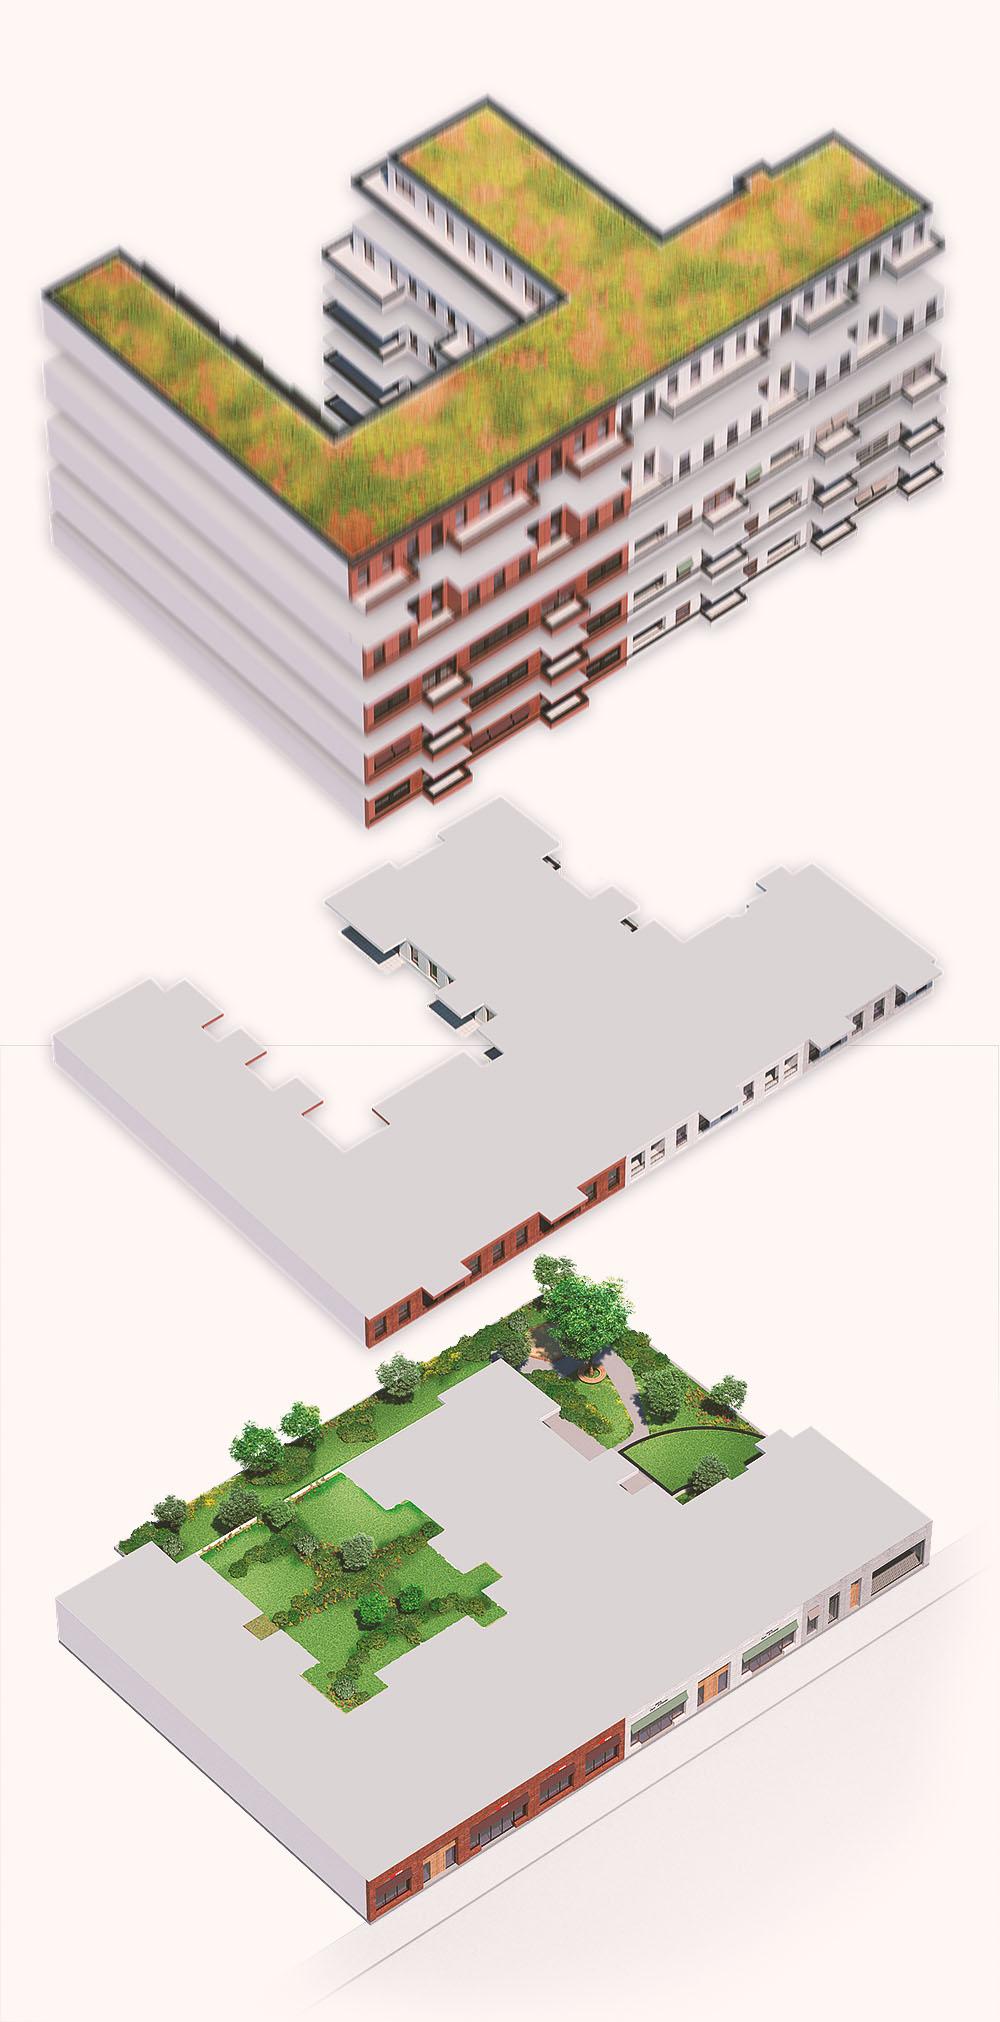 etagenplan_v001_web